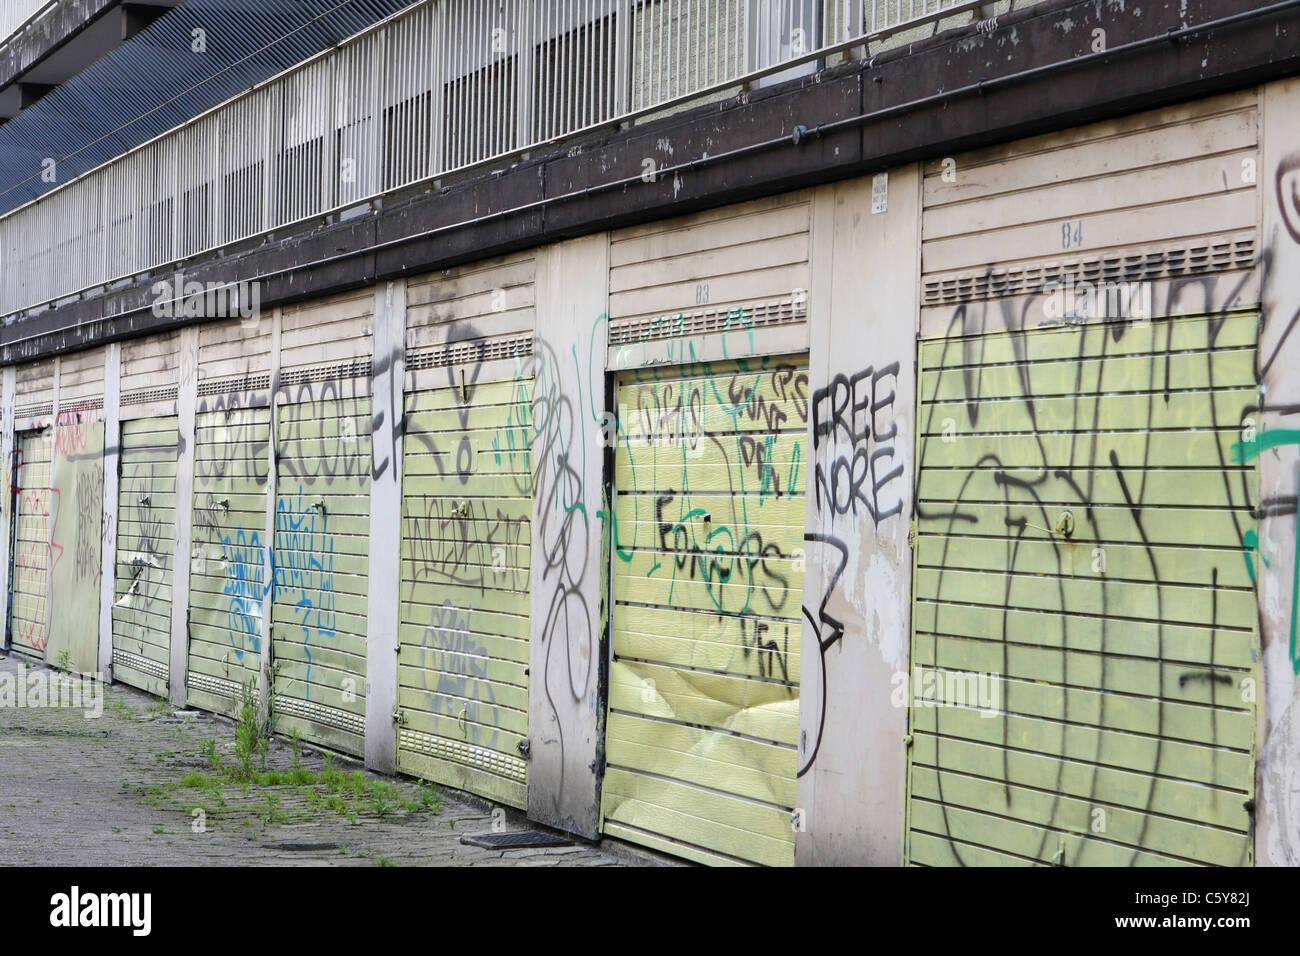 Graffiti en un bloque de apartamentos abandonados Imagen De Stock